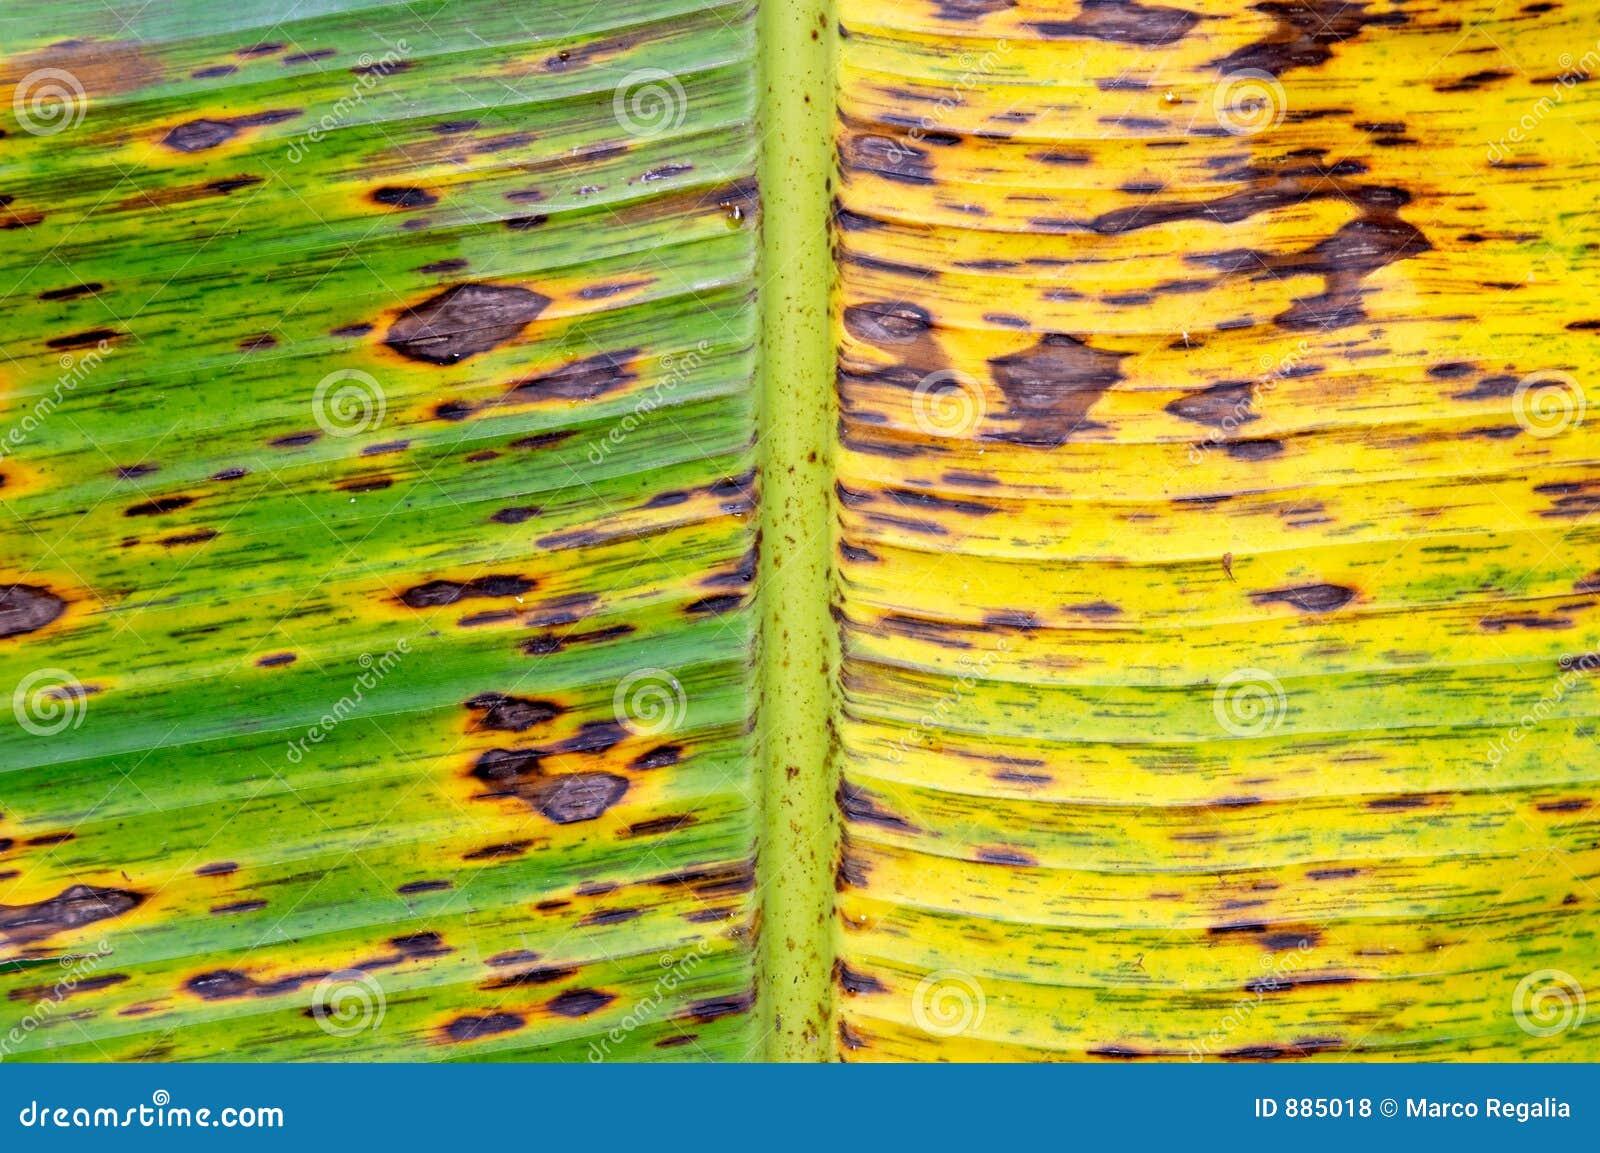 Musa sapientum banana liściach drzewa